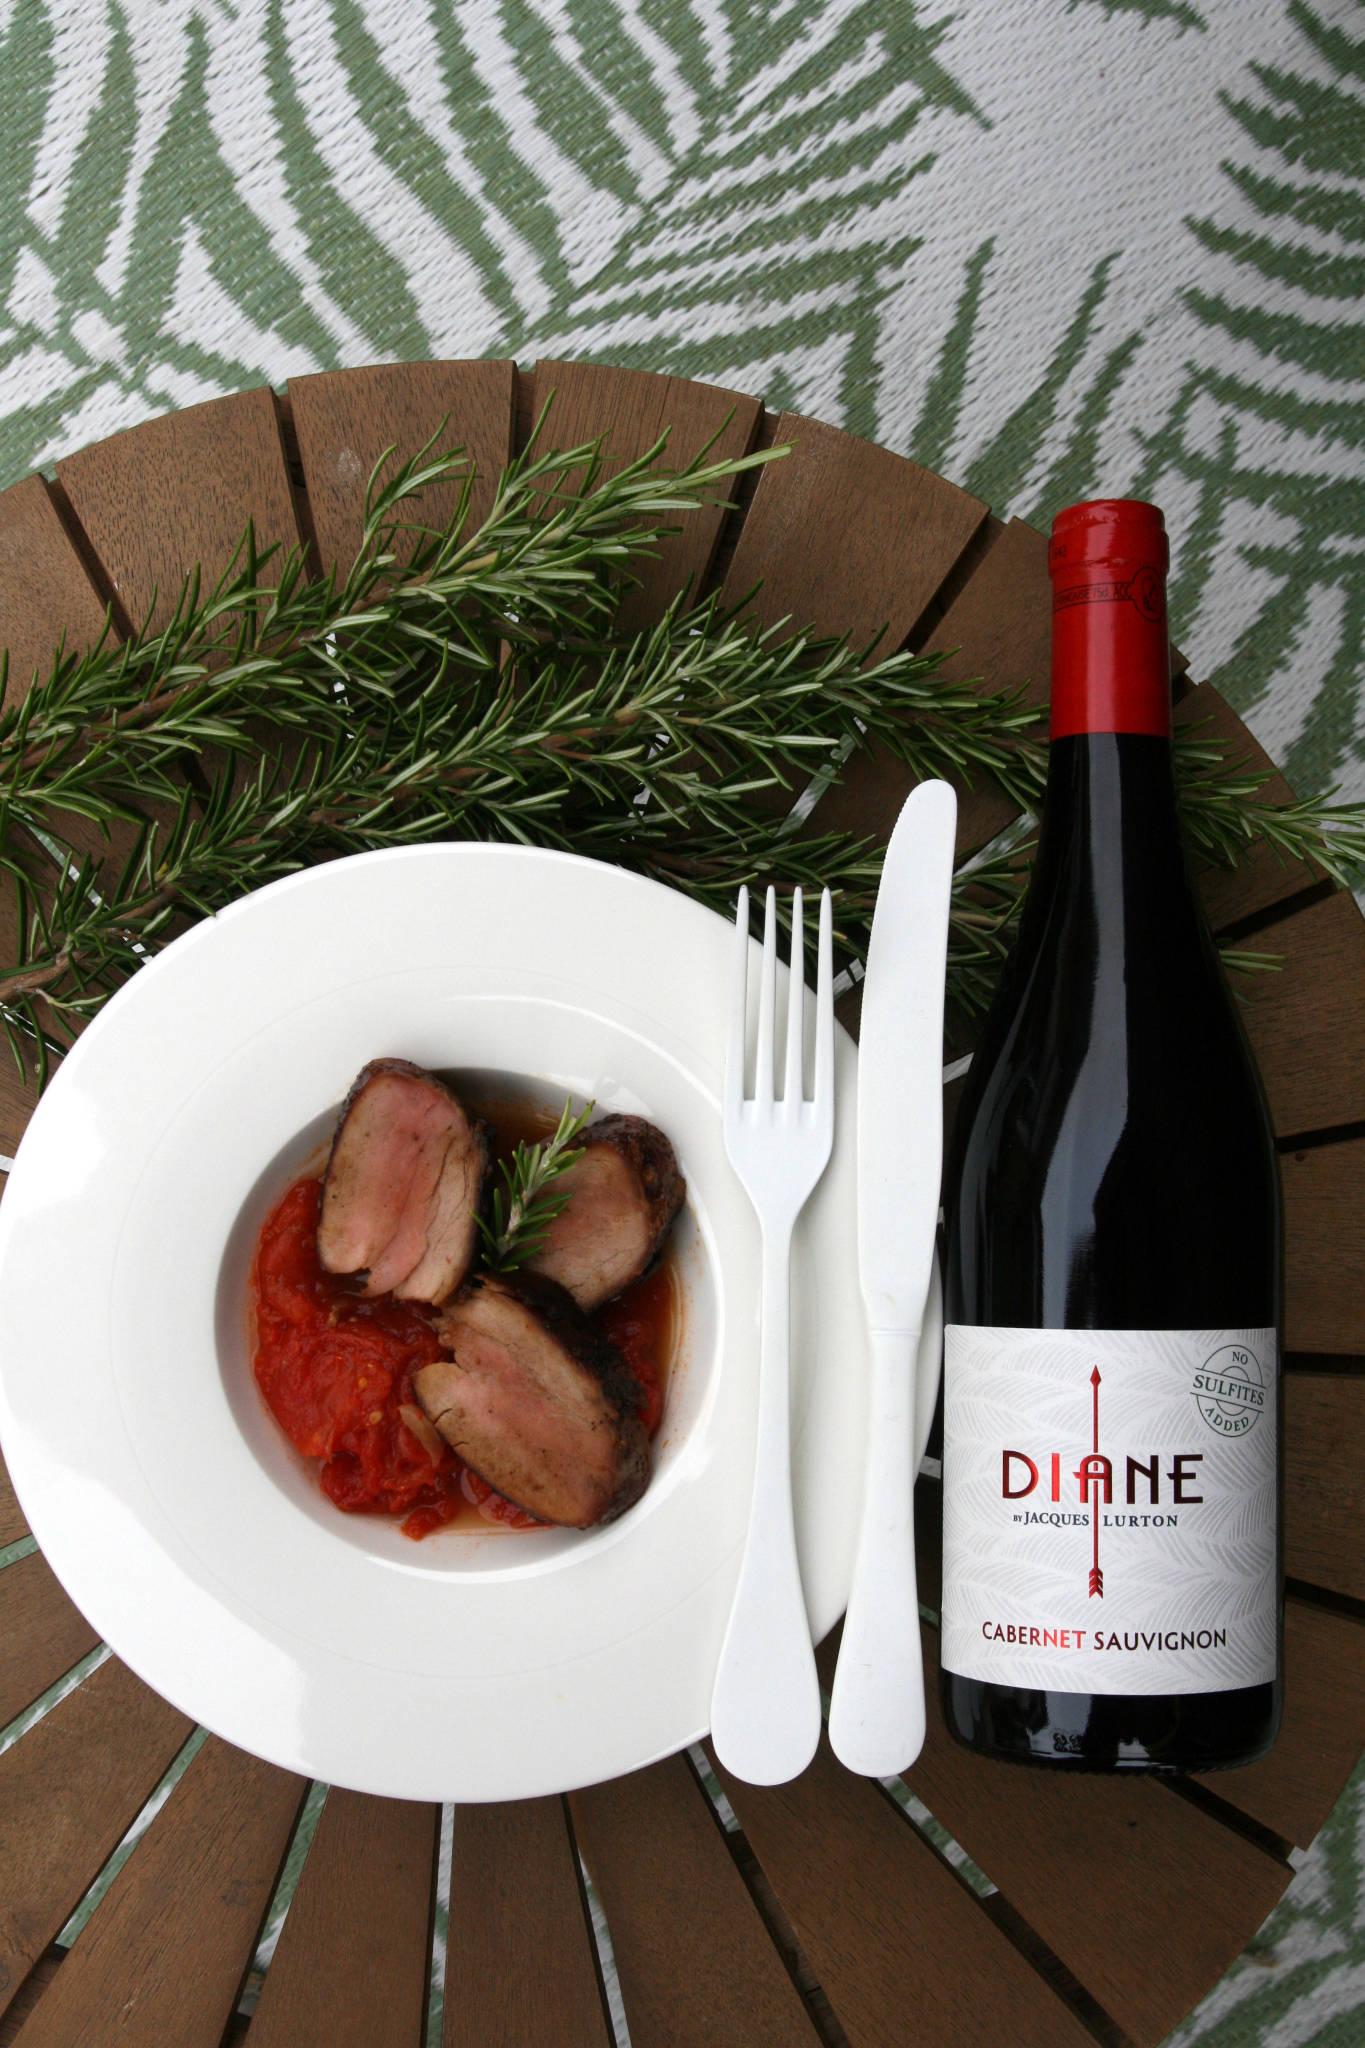 Filet mignon de porc caramélisé, concassée de tomate au thym et au romarin, Diane Cabernet Sauvignon rouge 2020